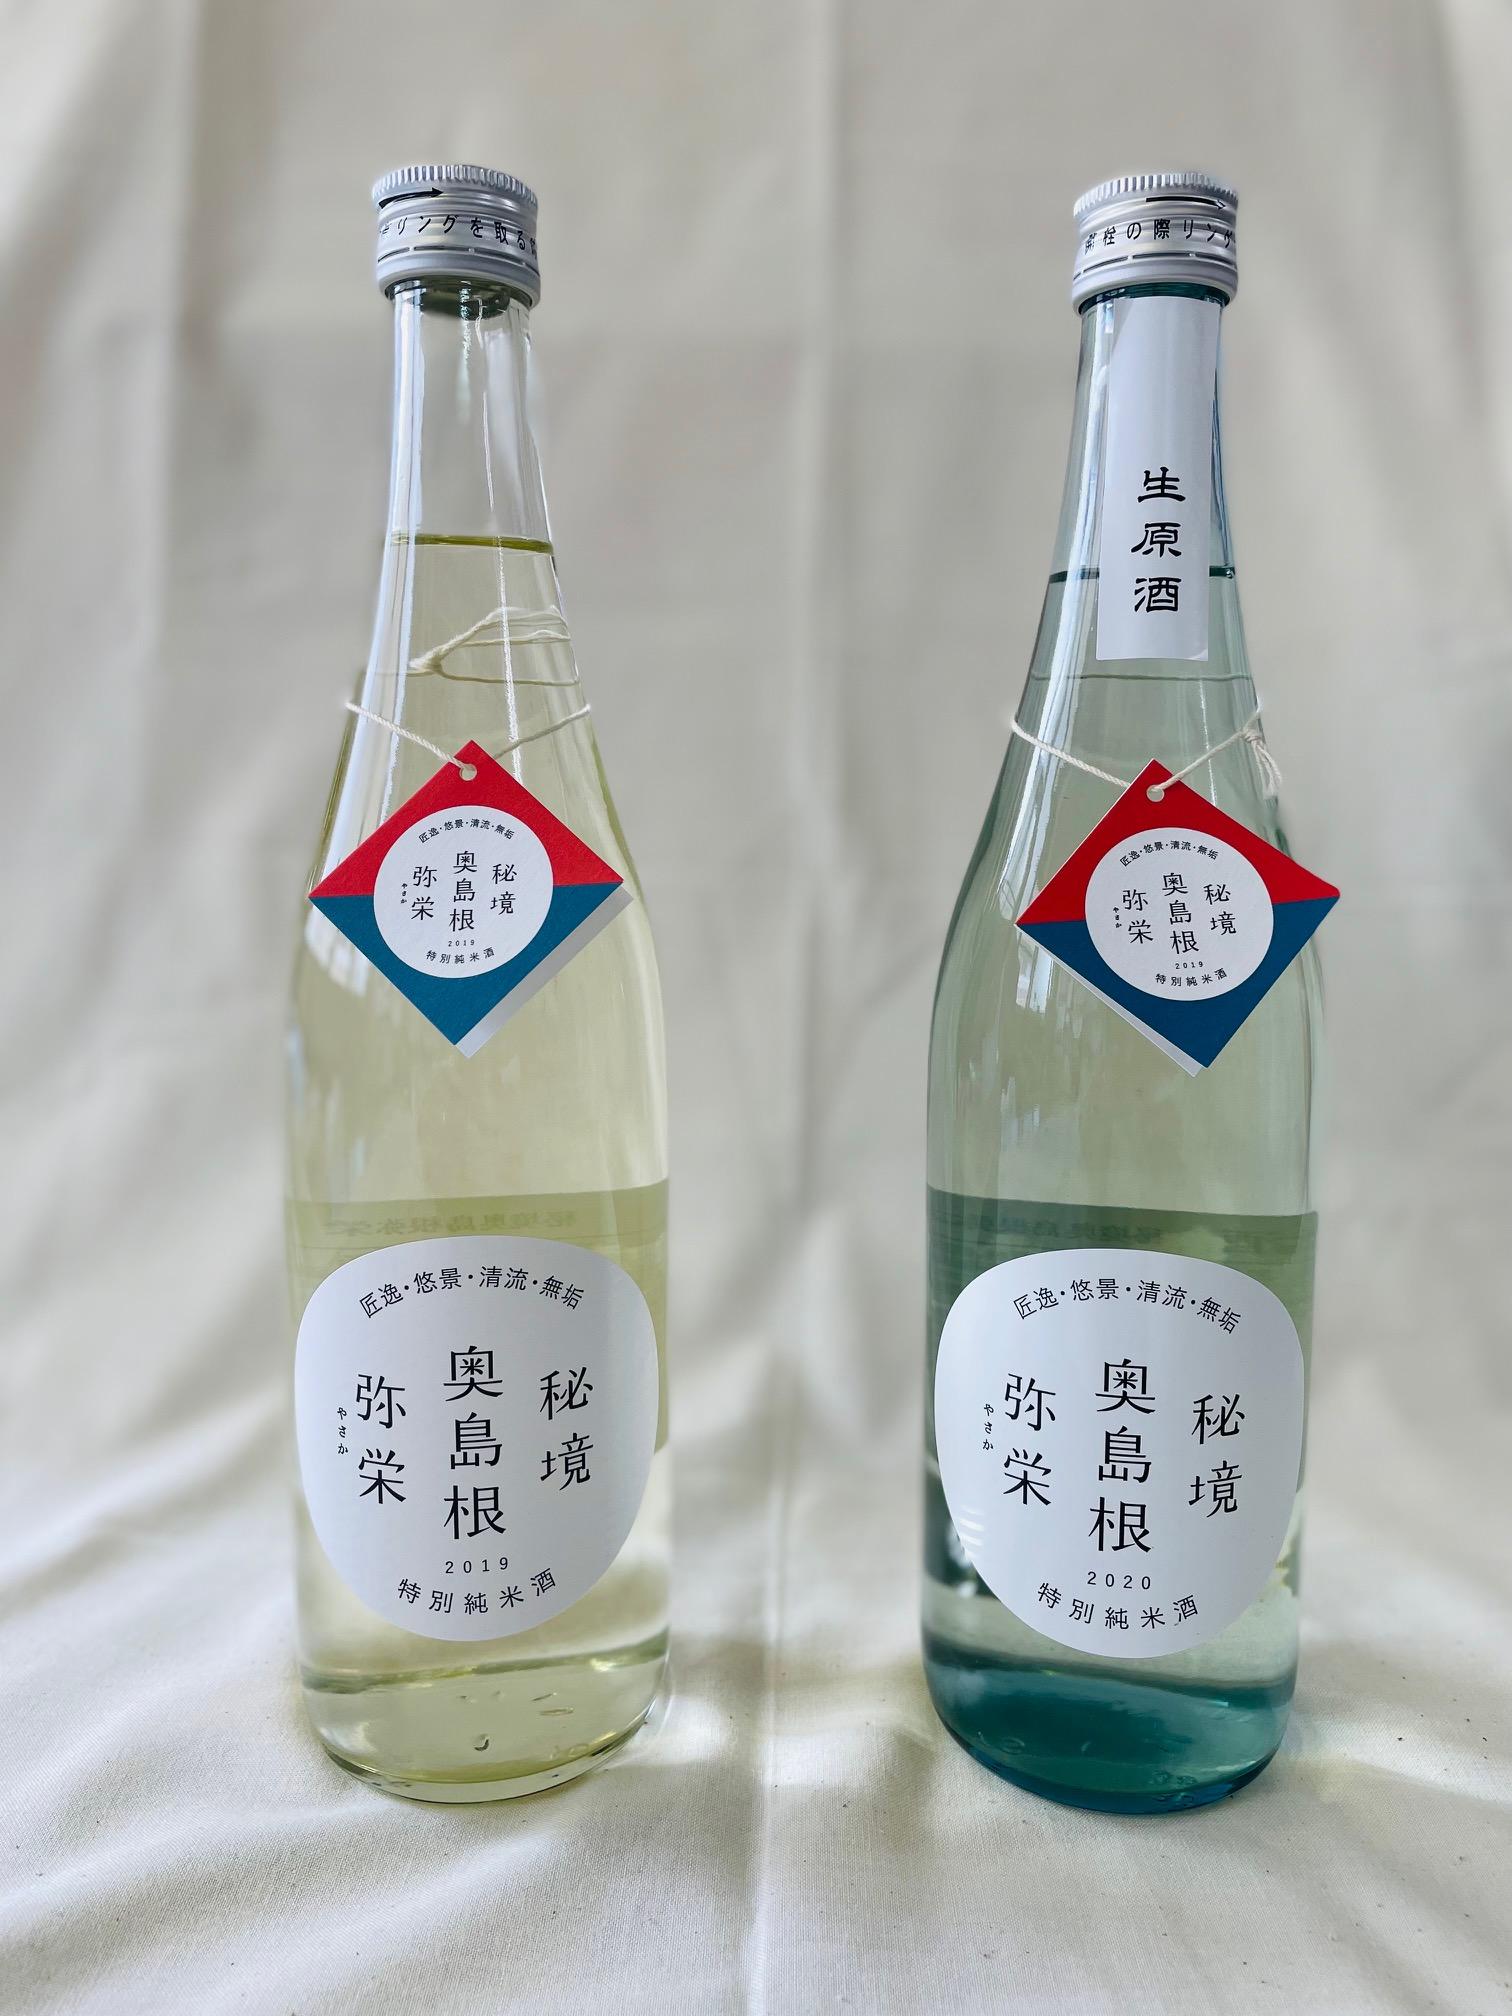 特別純米酒「秘境奥島根弥栄」 生原酒・火入酒 飲み比べセット 720ml2本